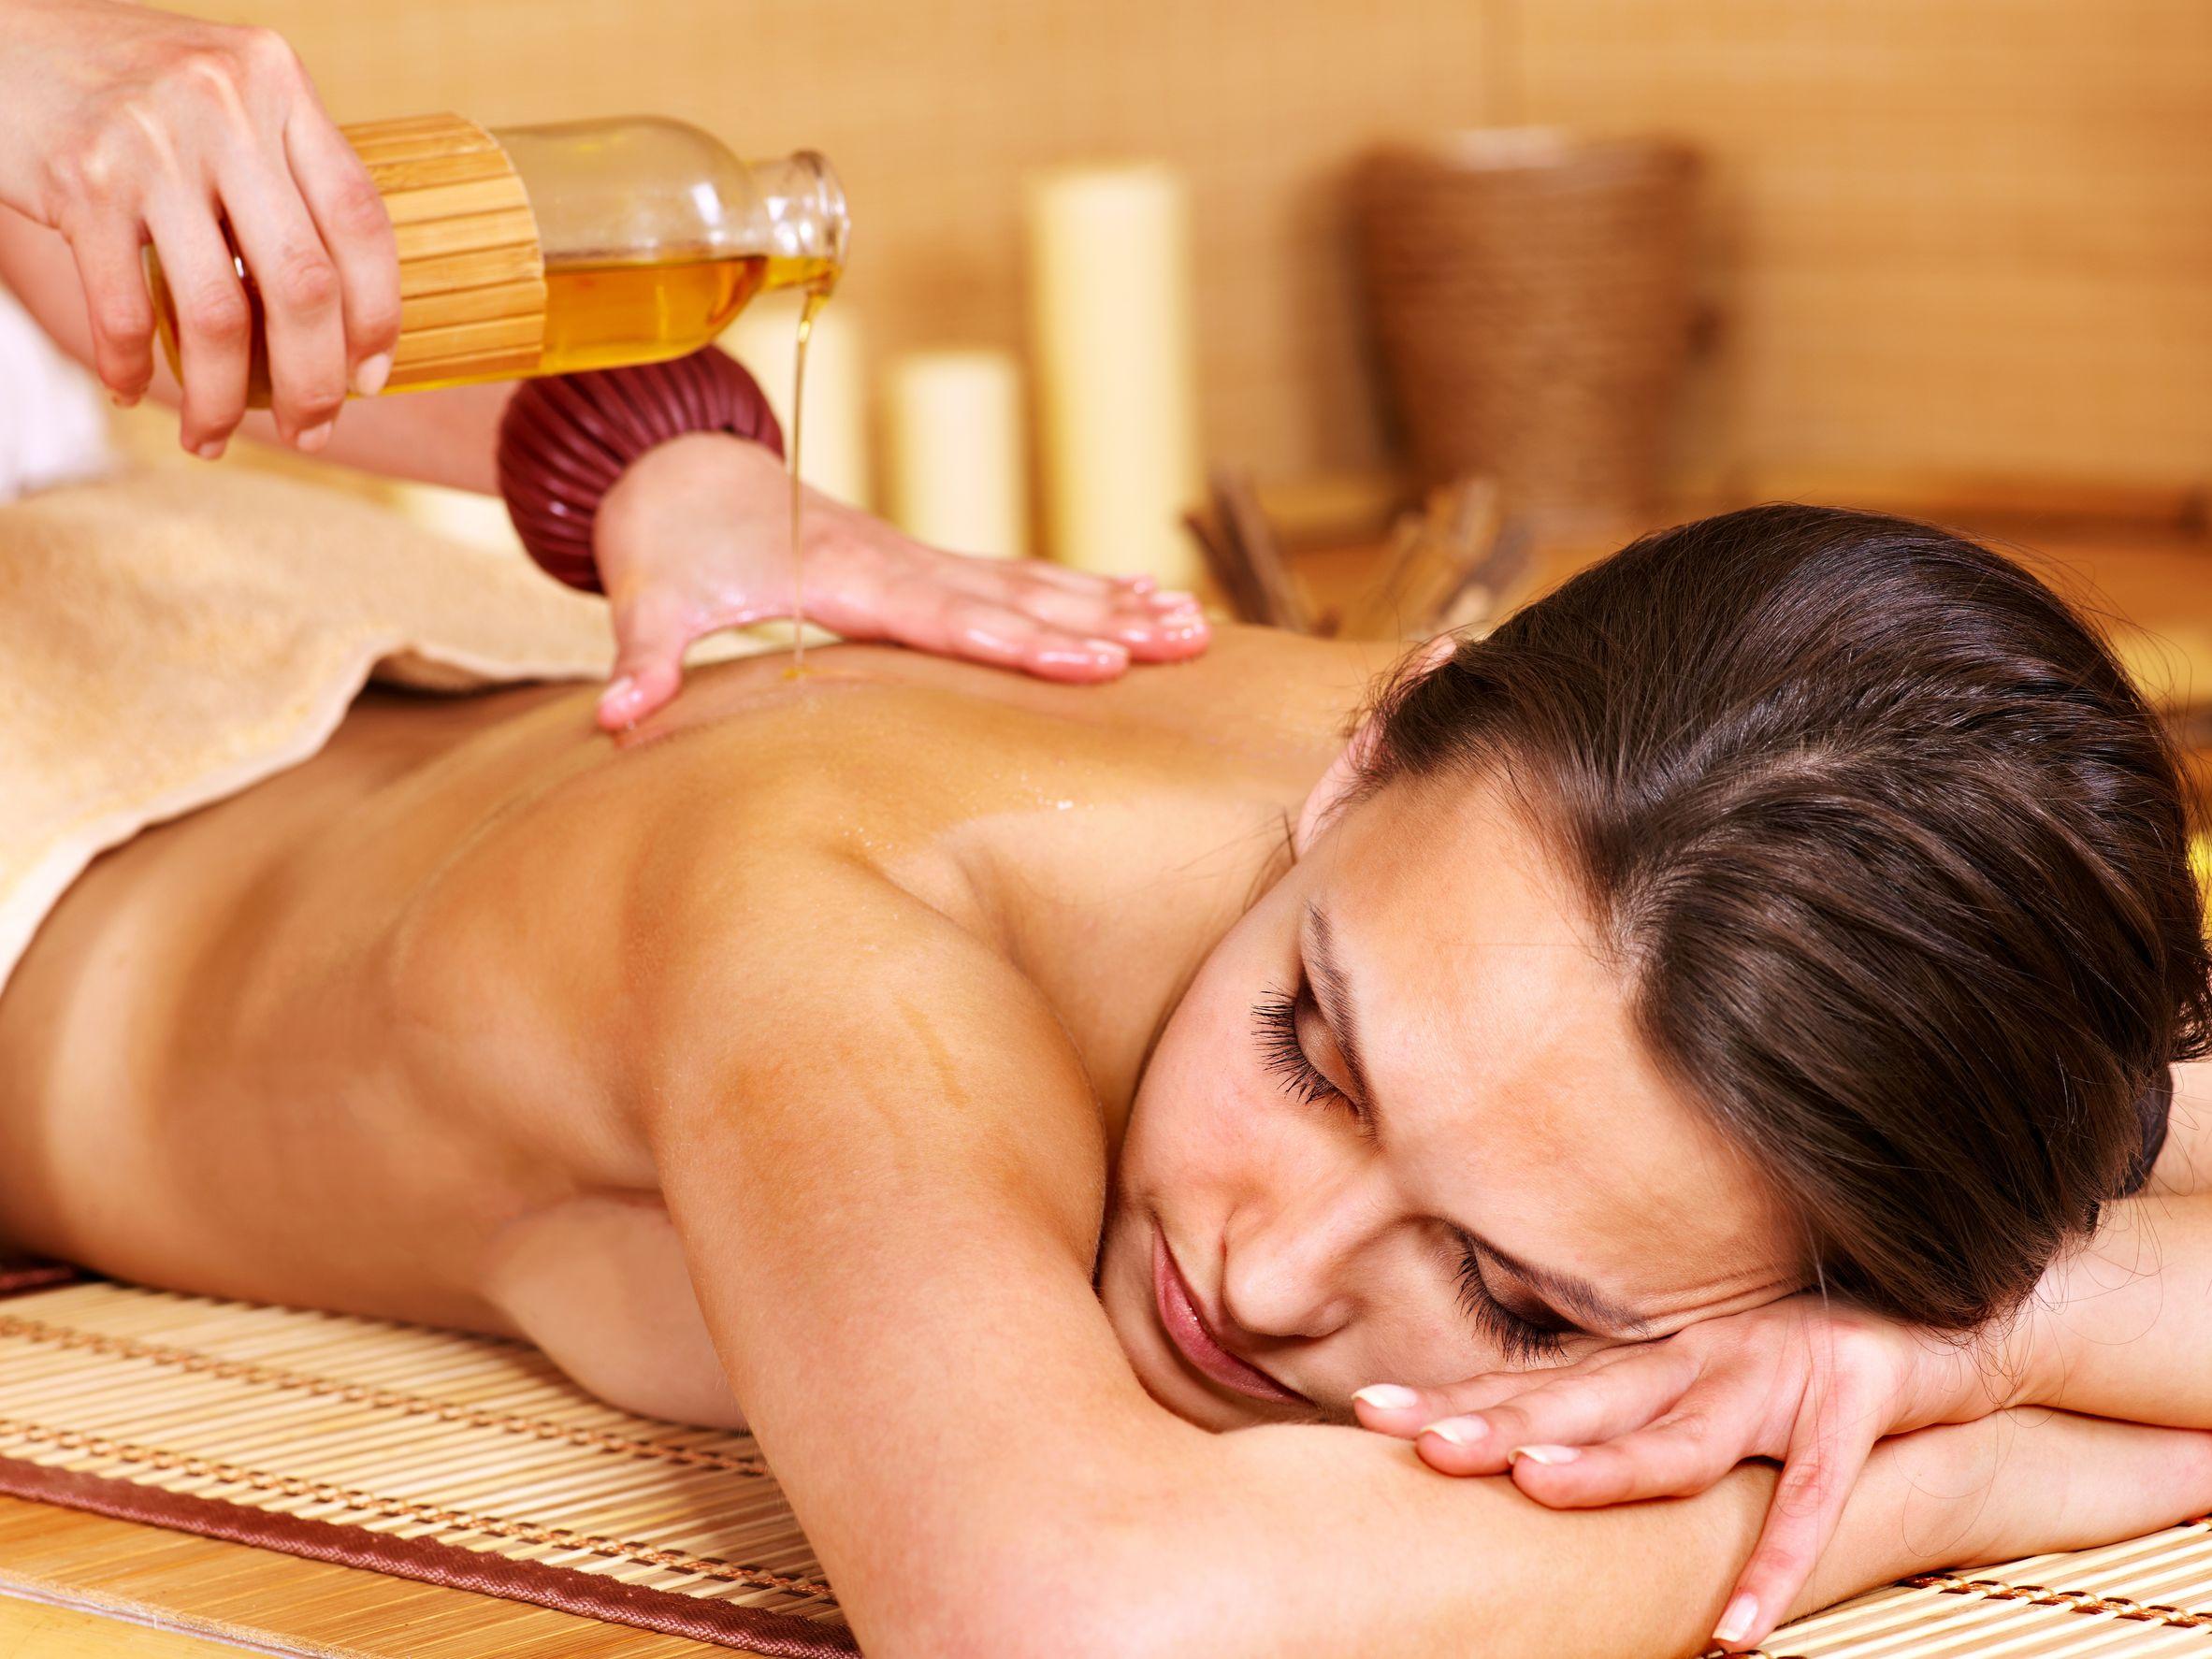 Секс лучшее с массажем, Лучшее порно массаж смотреть онлайн бесплатно 3 фотография